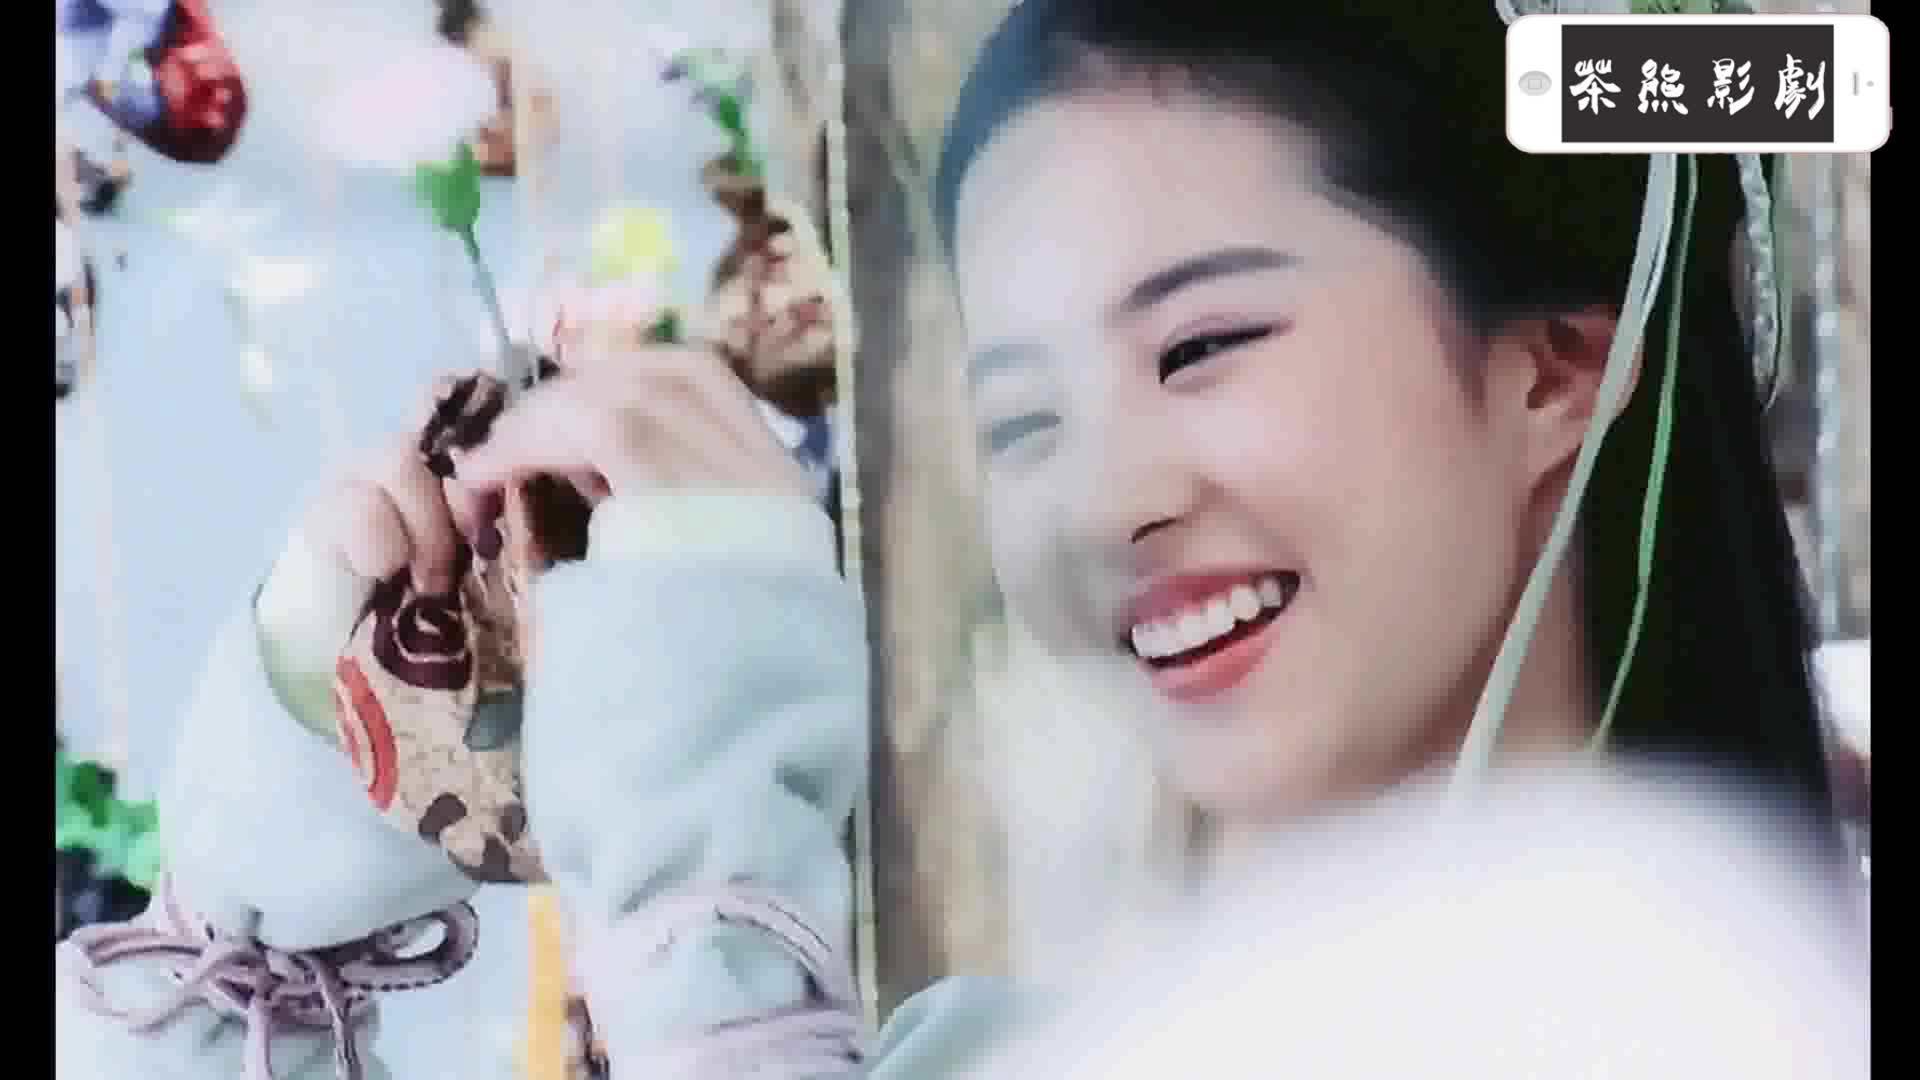 #追剧不能停#《仙剑奇侠传》曾经年少的女神,心目中最美的赵灵儿,莫失莫忘